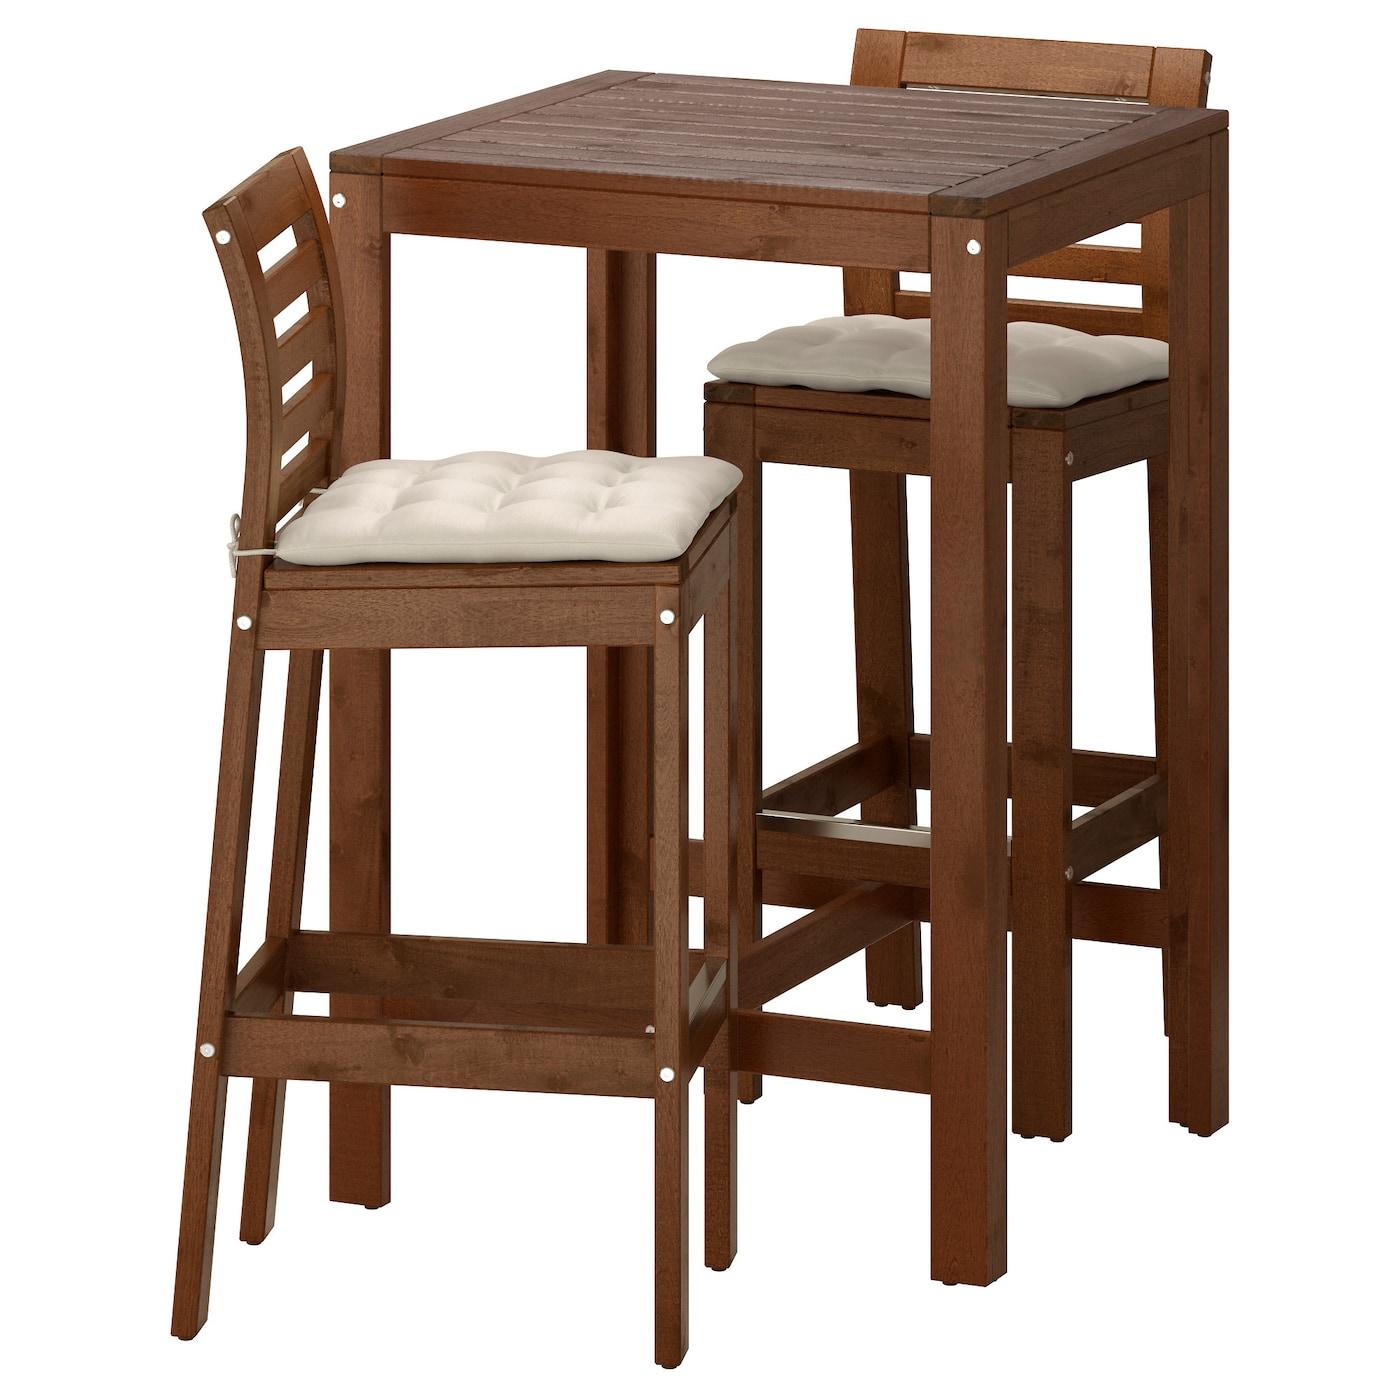 ÄPPLARÖ, Theke + 2 Barstühle, braun las., beige 591.564.76